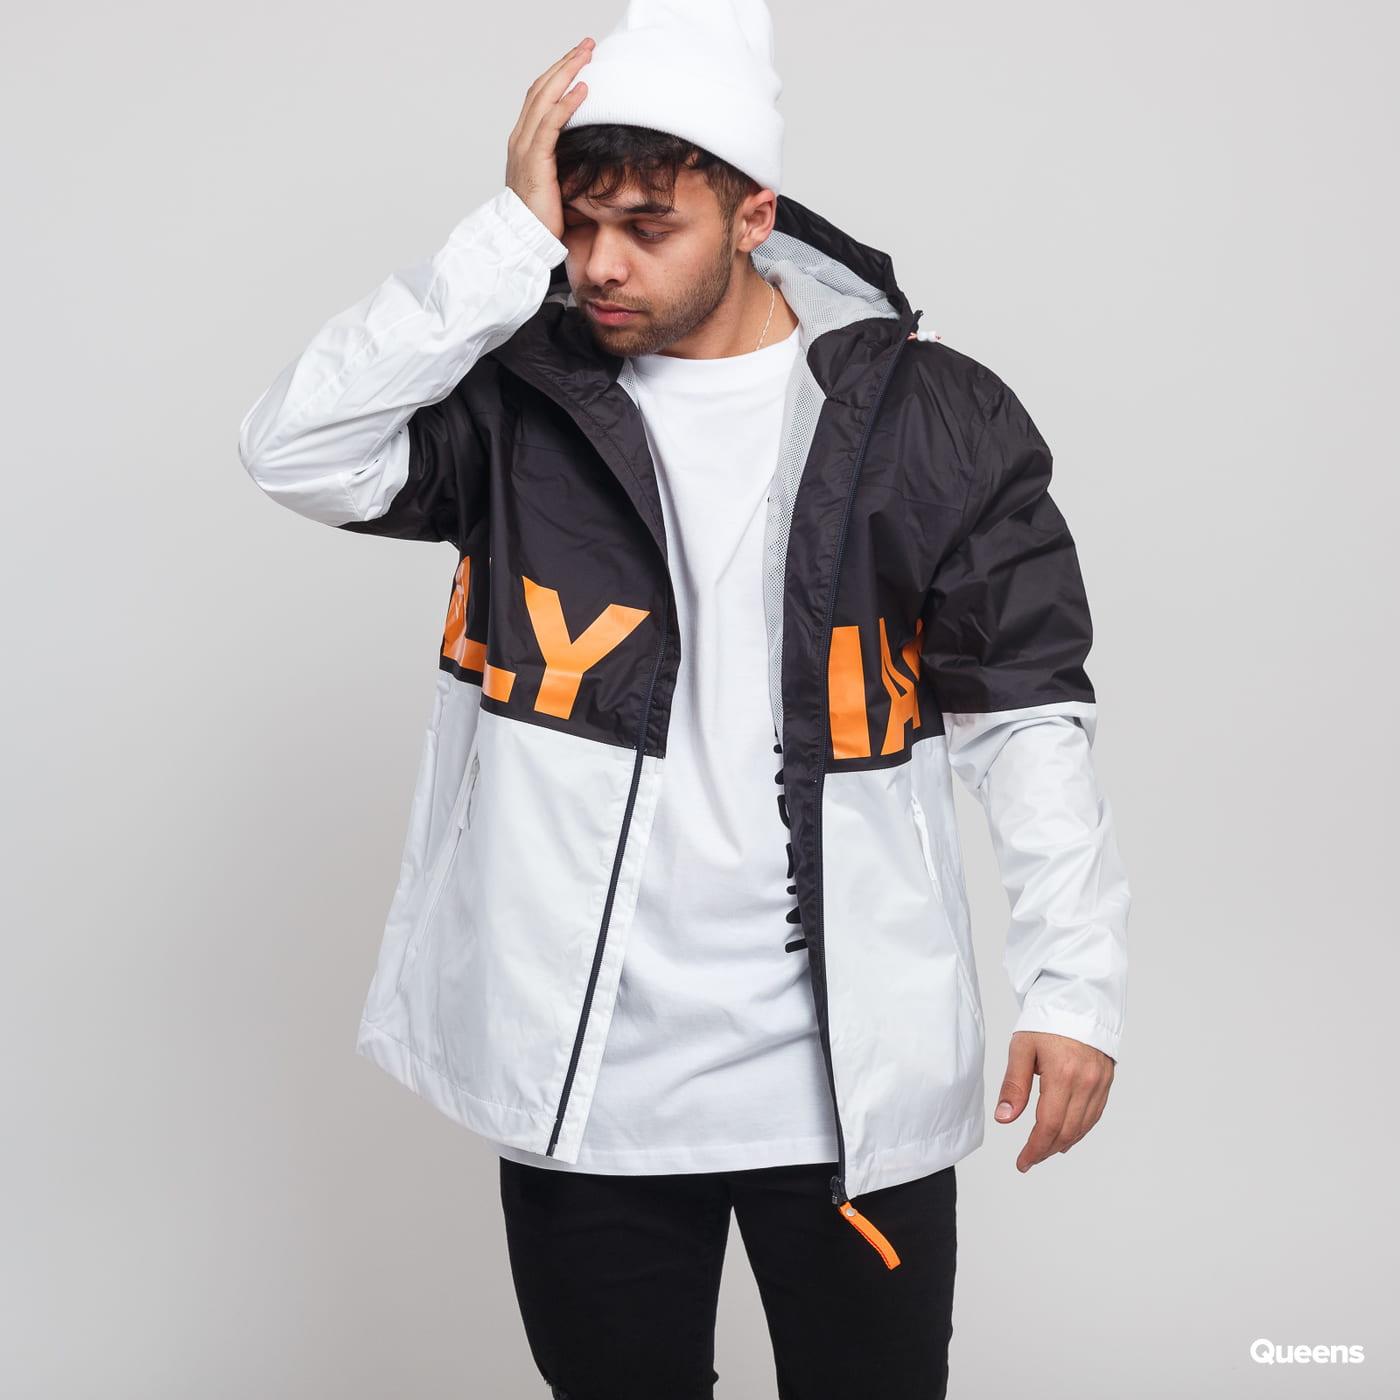 Větrovka Helly Hansen Amaze Jacket (64057 981) – Queens 💚 9af9257b41